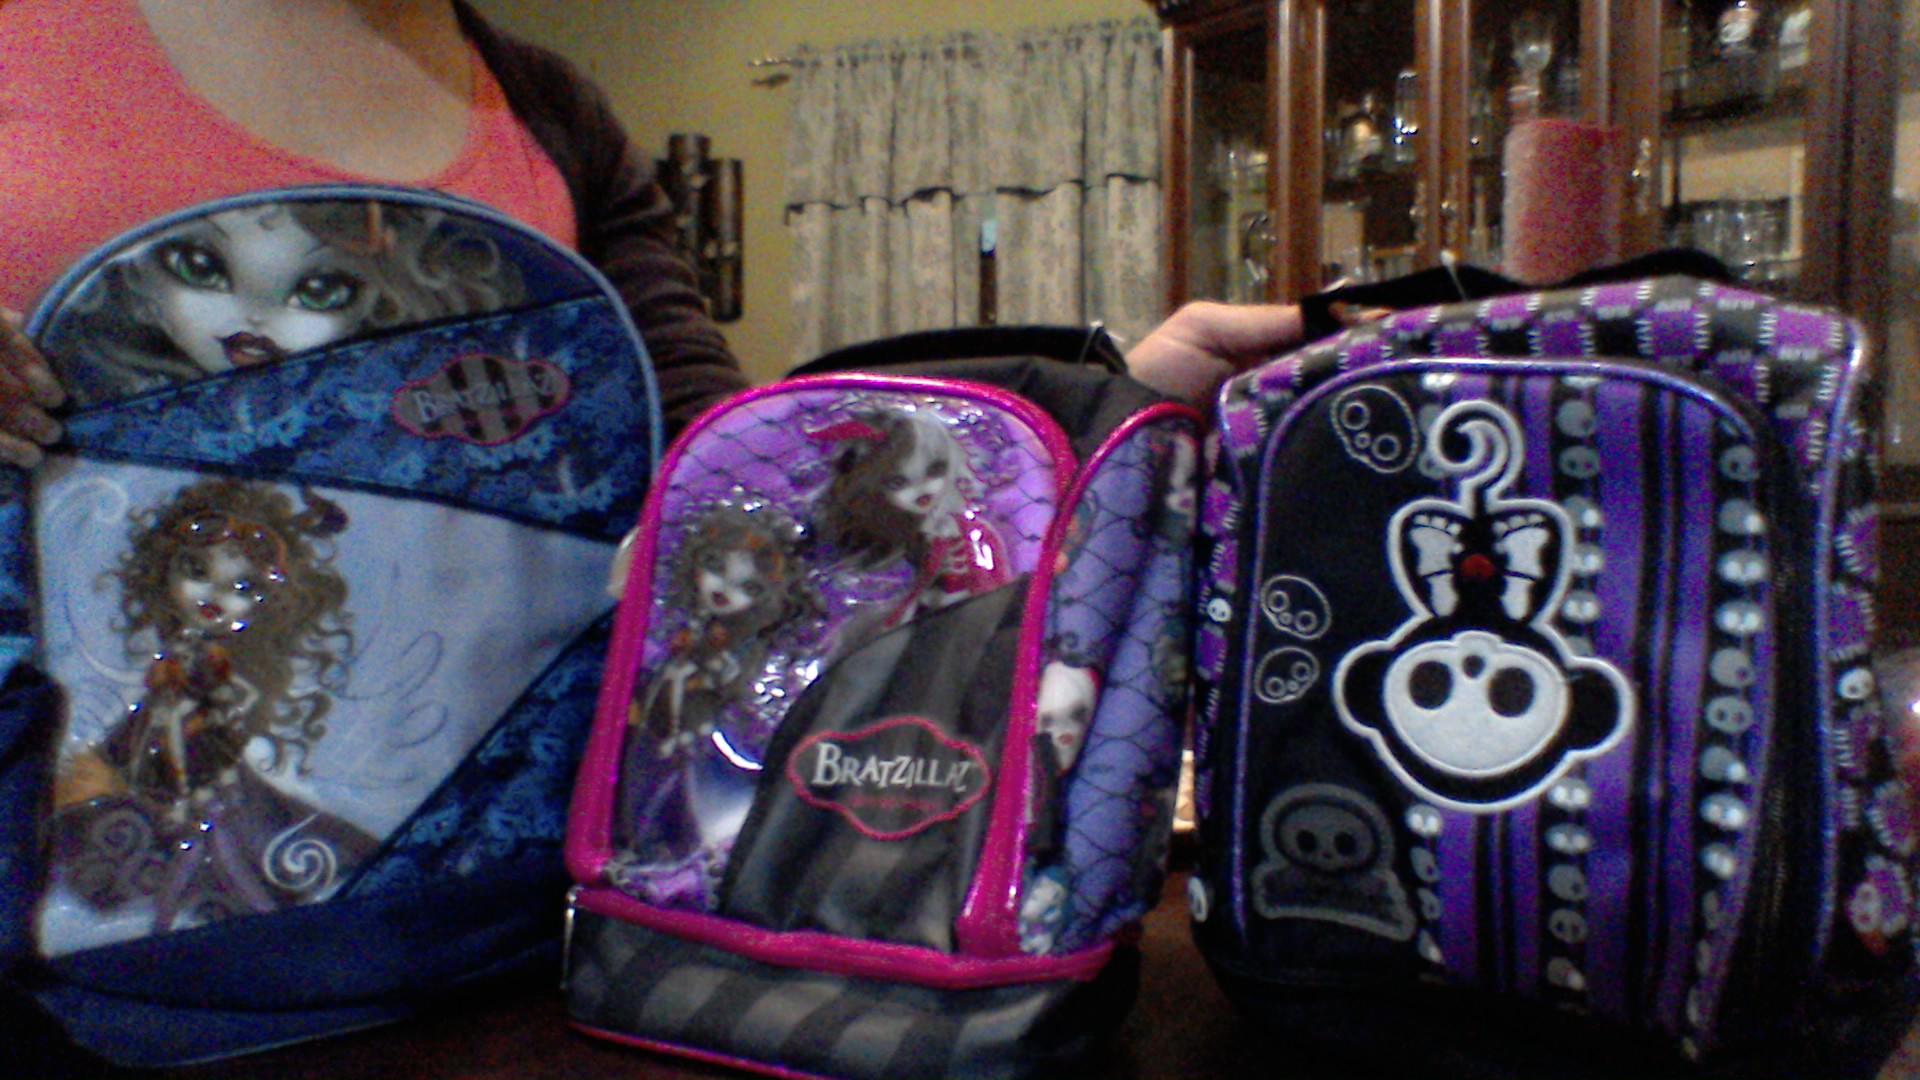 Bodega Aurrerá y Walmart Mva Coahuila: varios articulos en descuento como loncheras, sets de herramientas y mas